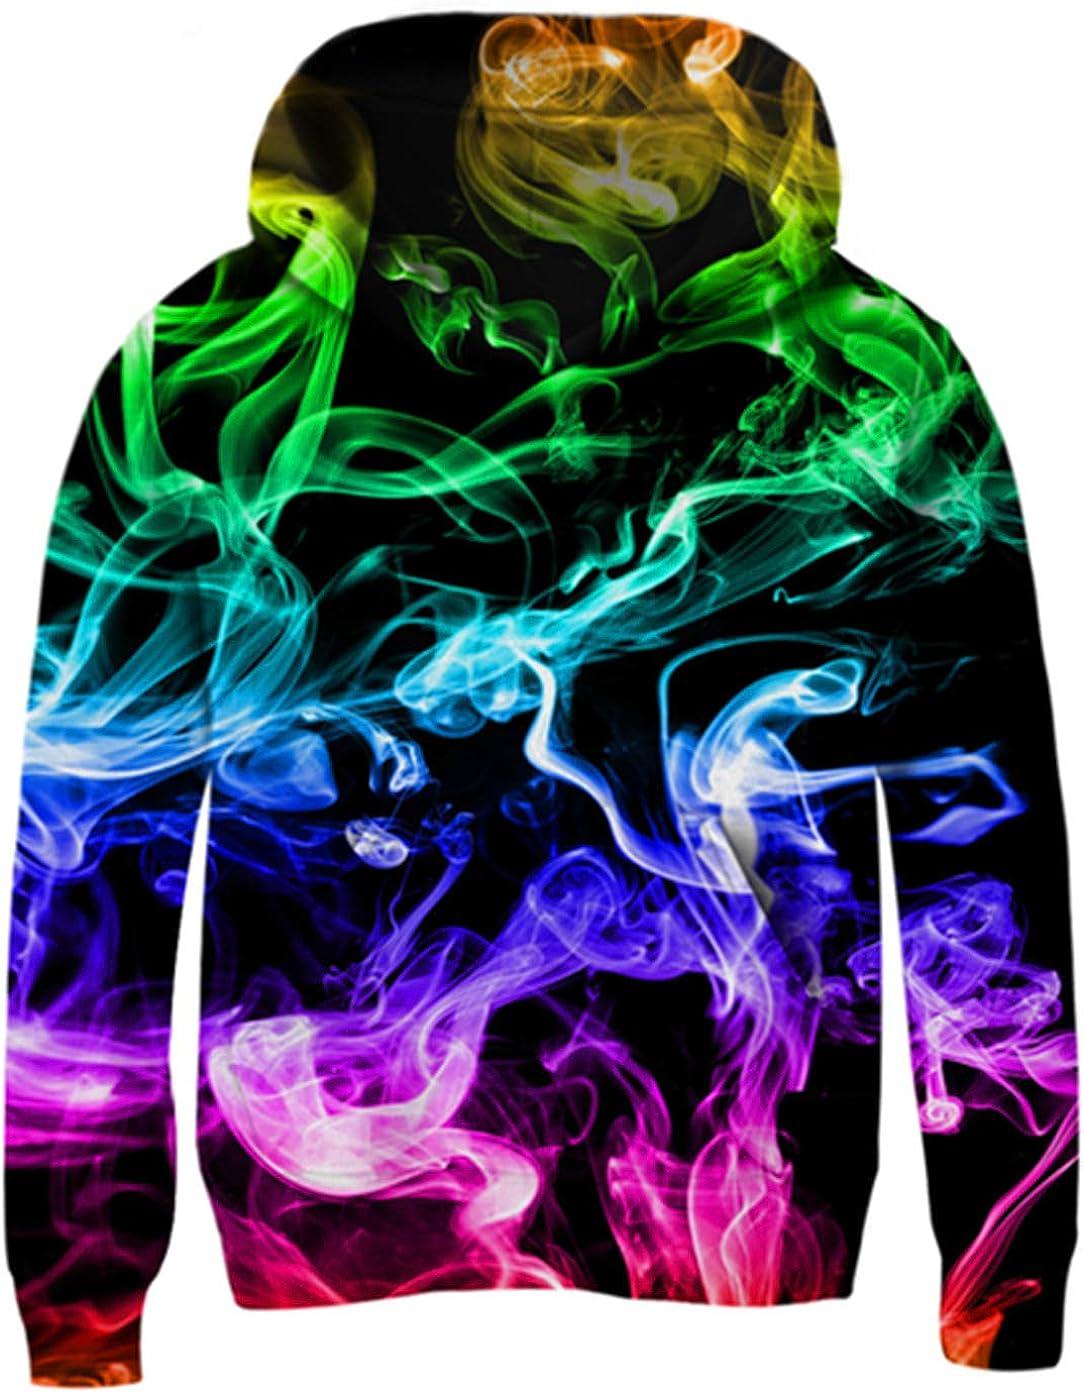 Cutemile Boys Girls Fleece Hoodie 3D Printed Long Sleeve Pullover Sweatshirt with Pocket 5-16 Years